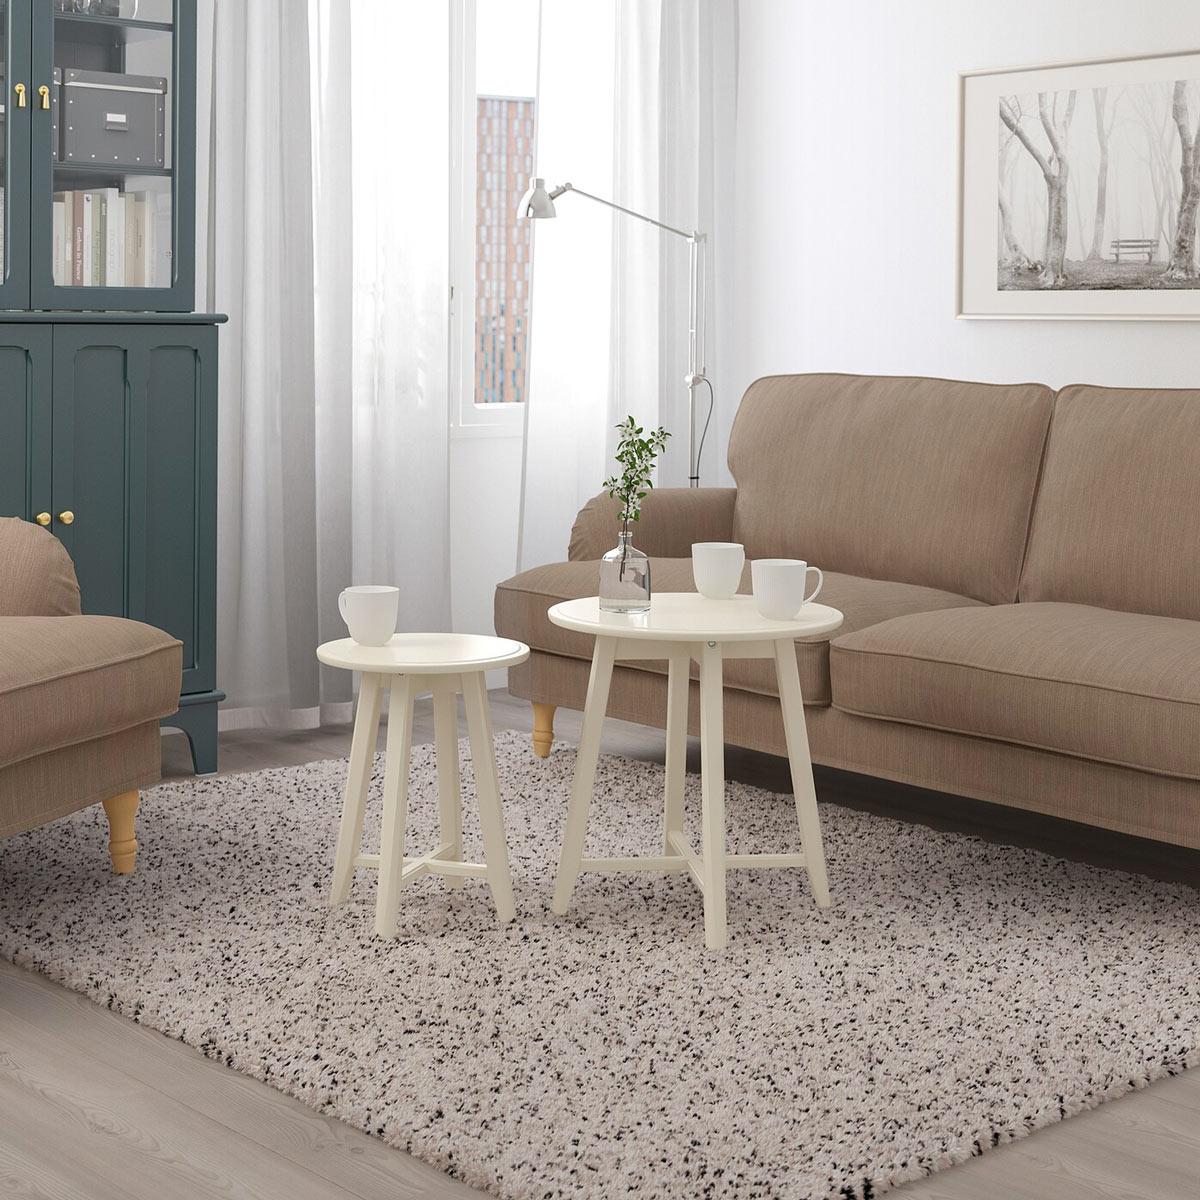 Set di due tavolini rotondi IKEA per il salotto